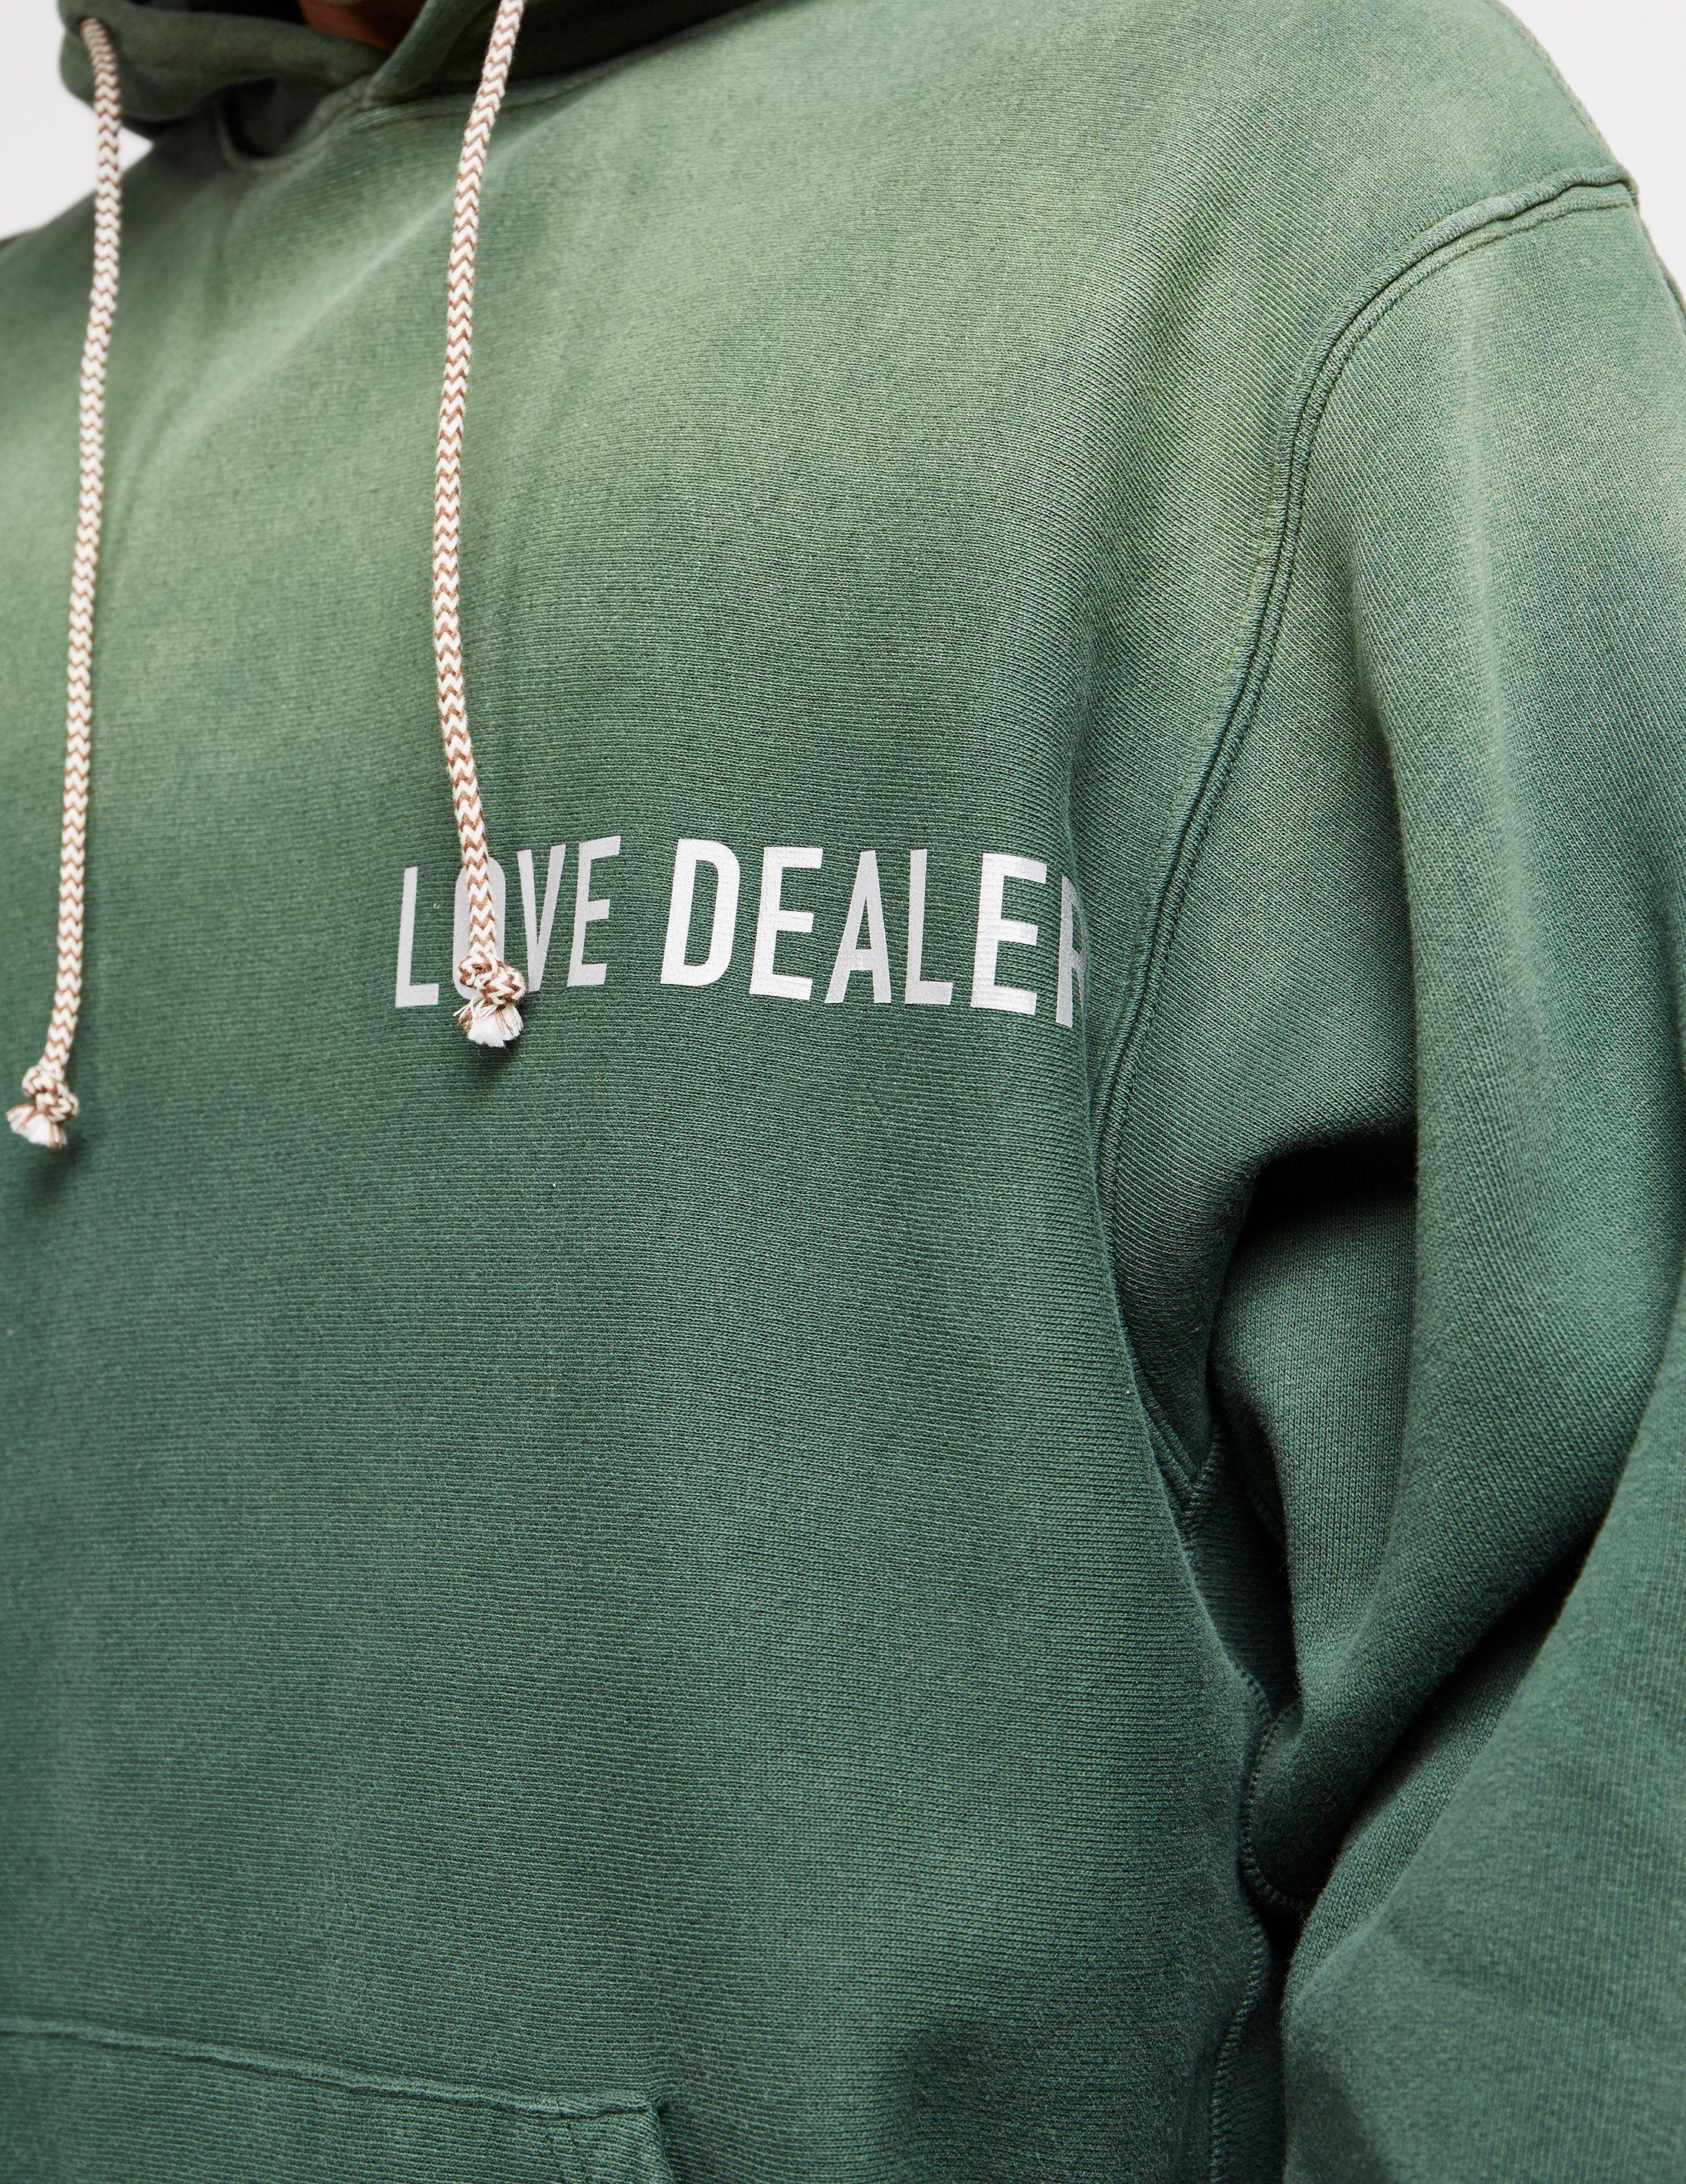 Golden Goose Deluxe Brand Love Dealer Hoodie